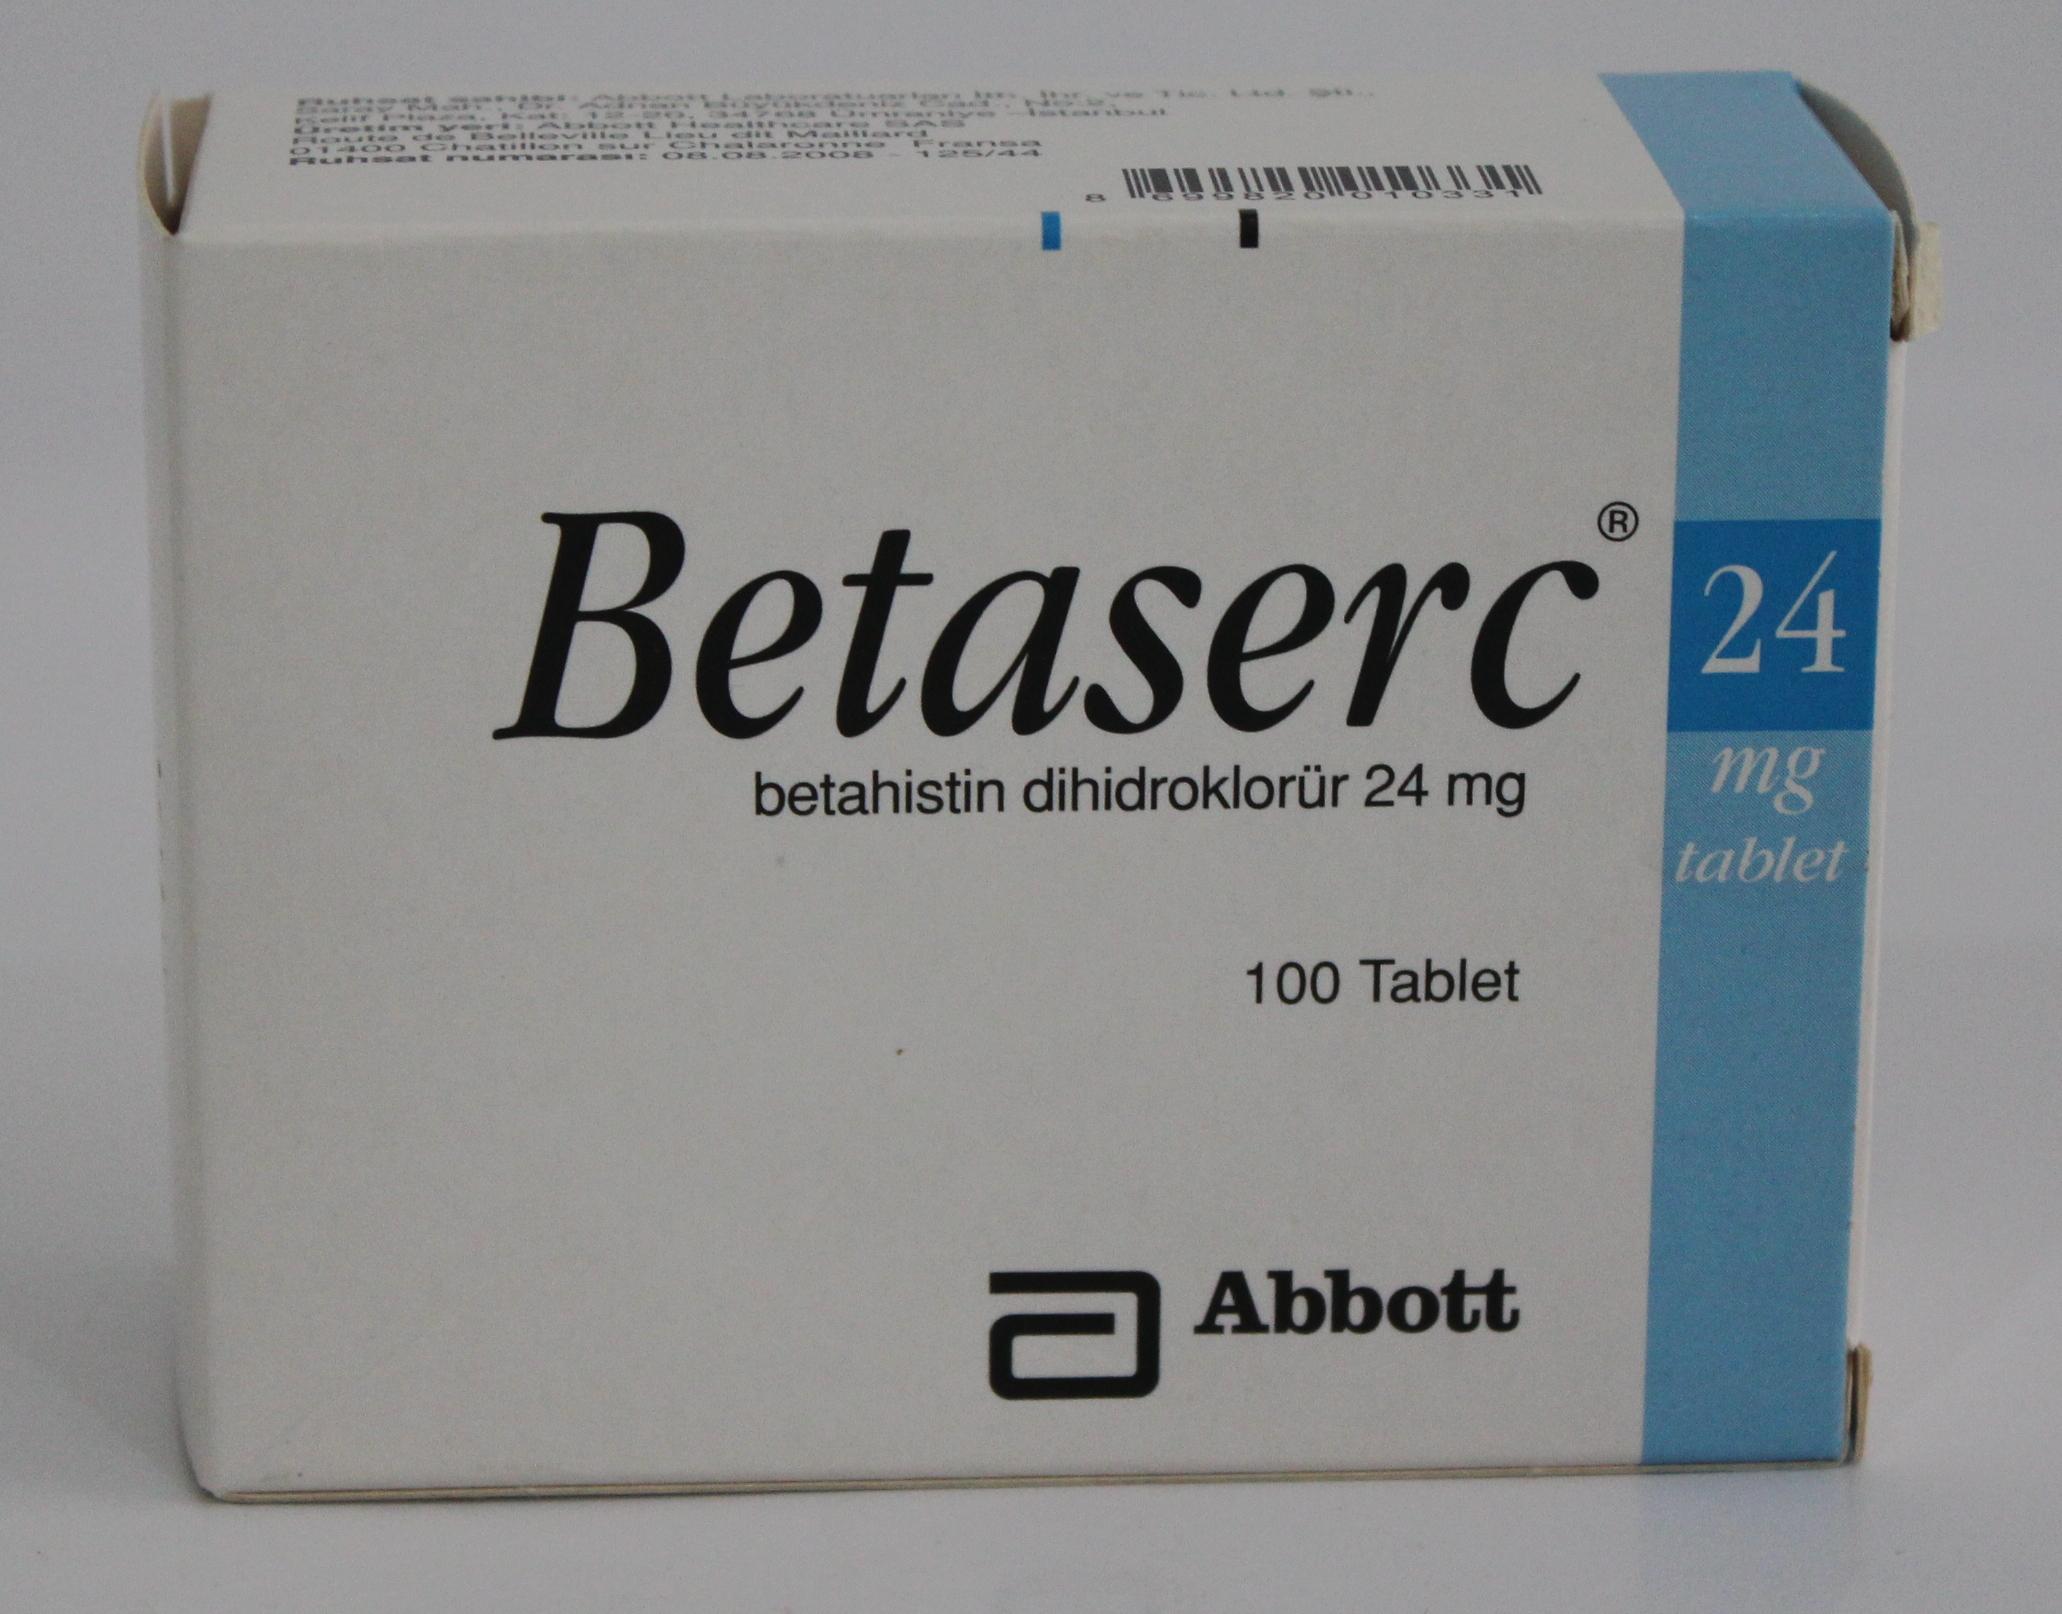 دواء بيتاسيرك Betaserc المرسال